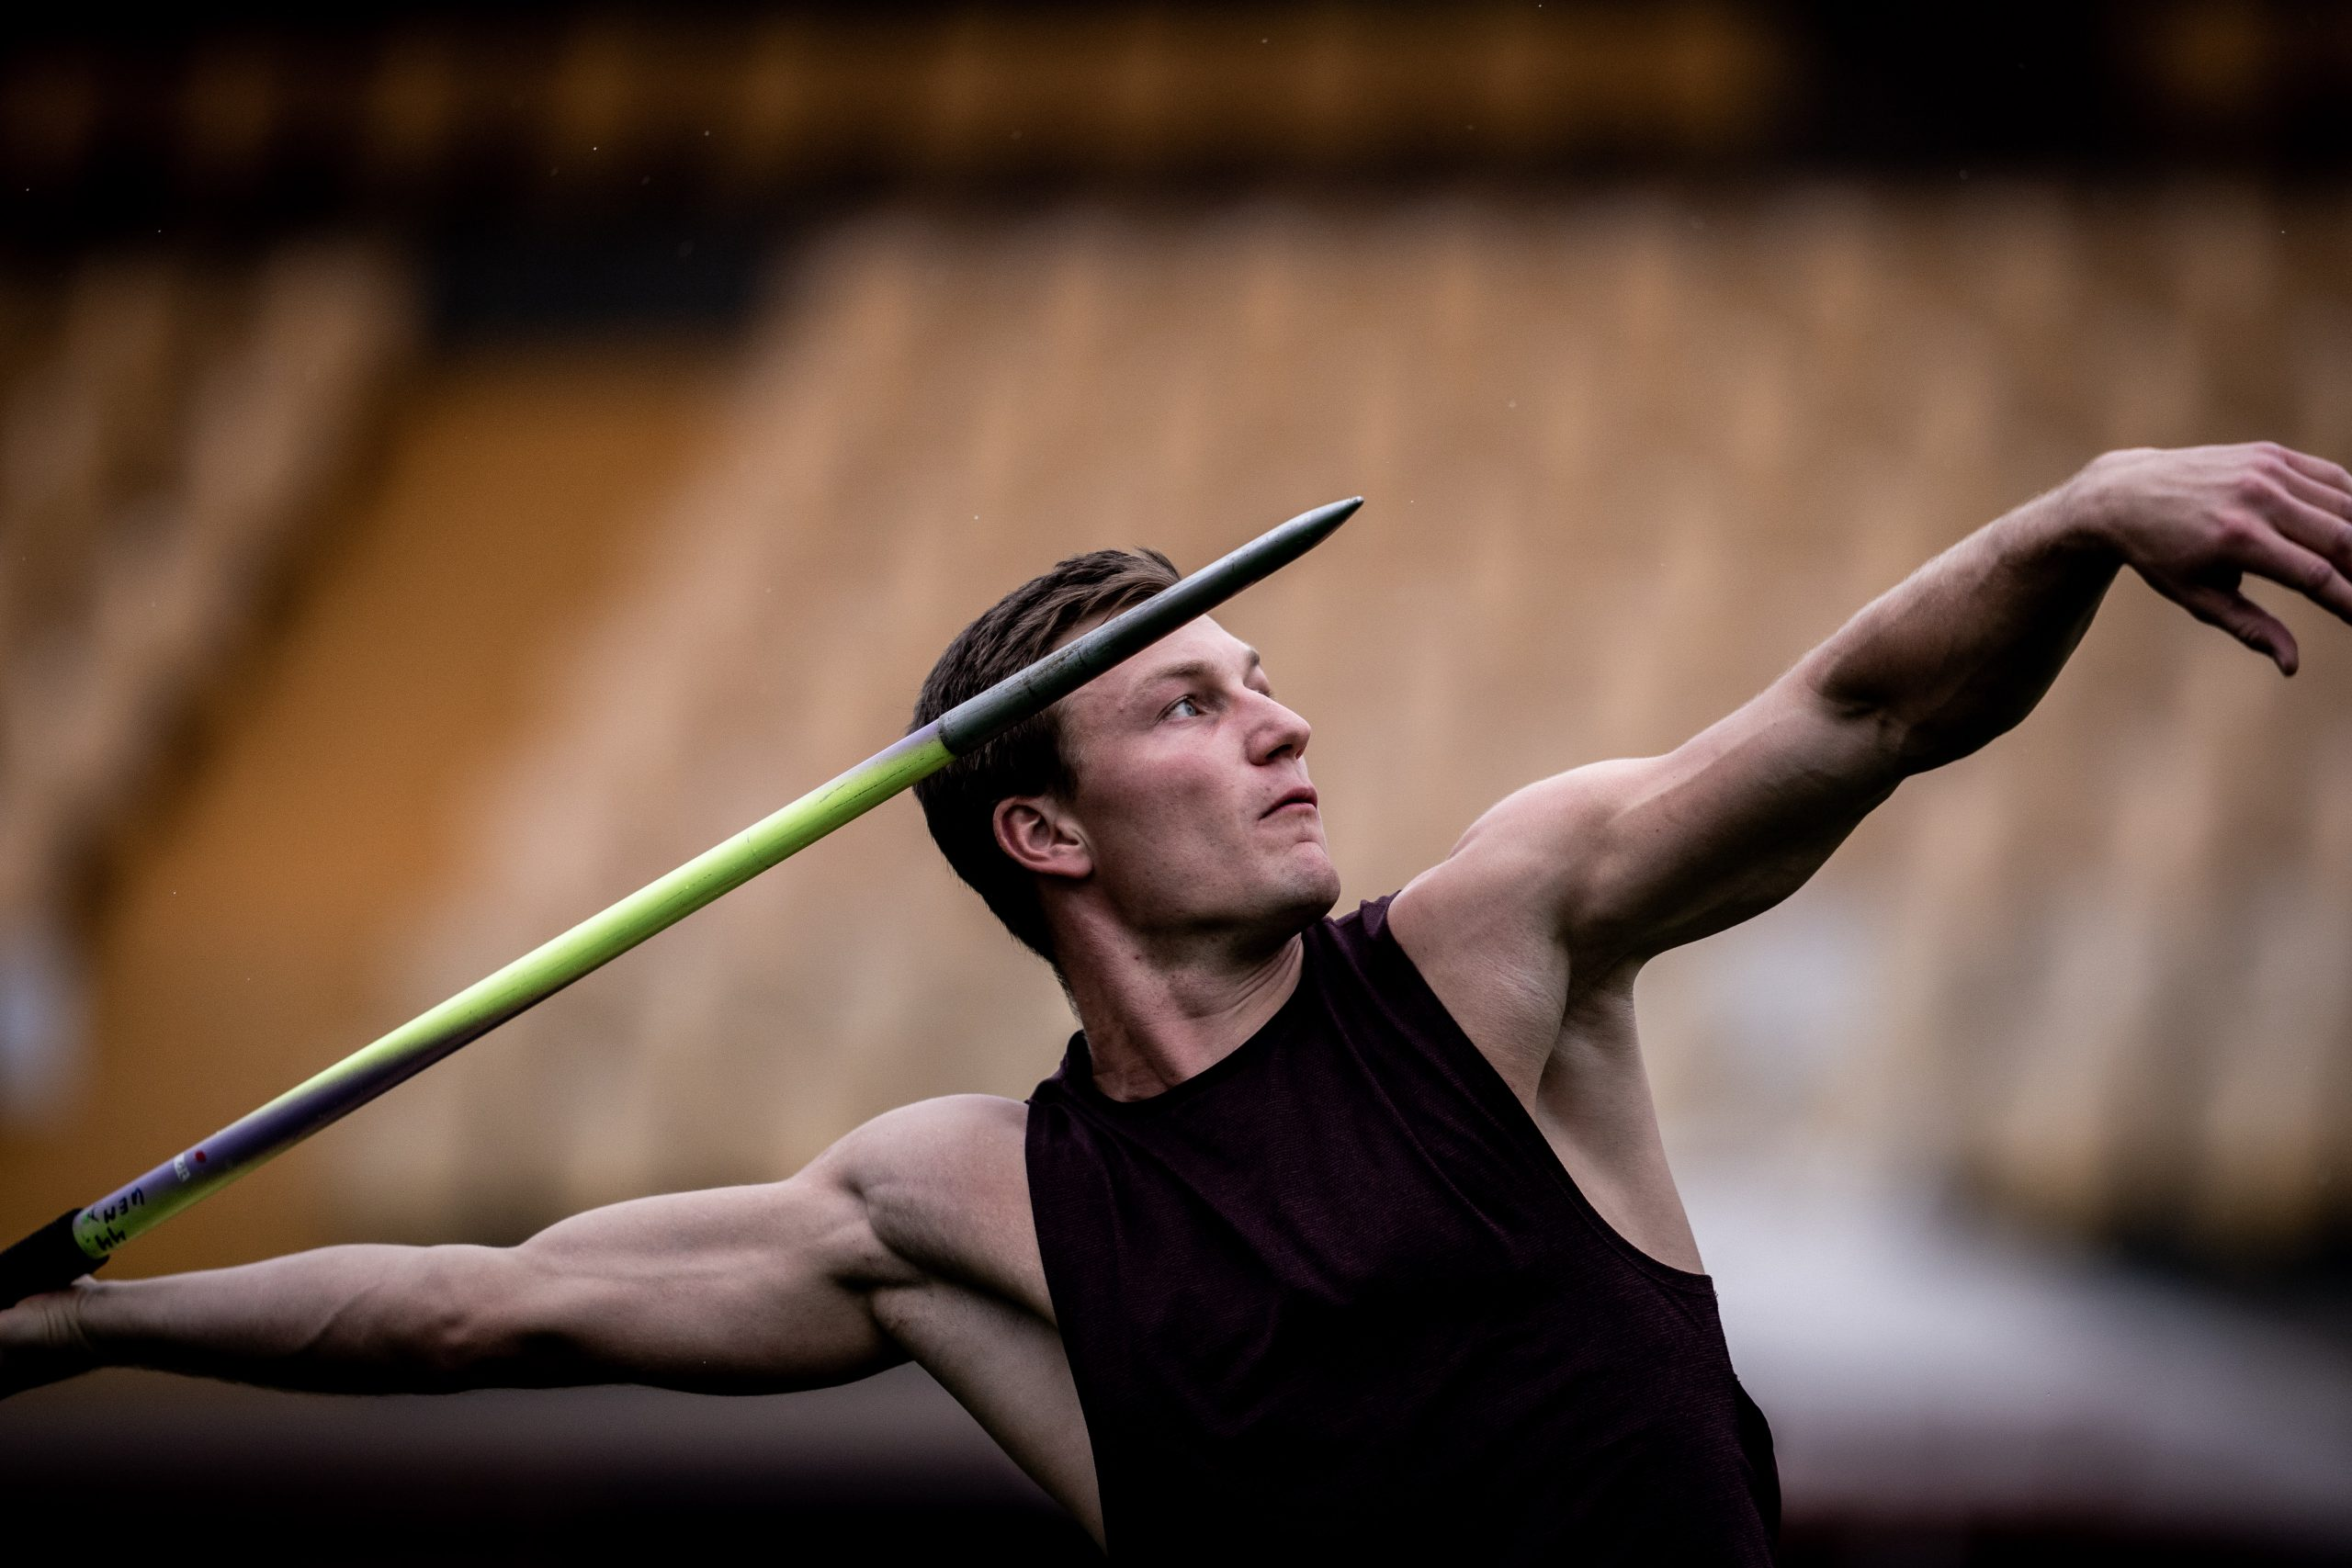 Thomas Röhler with javelin